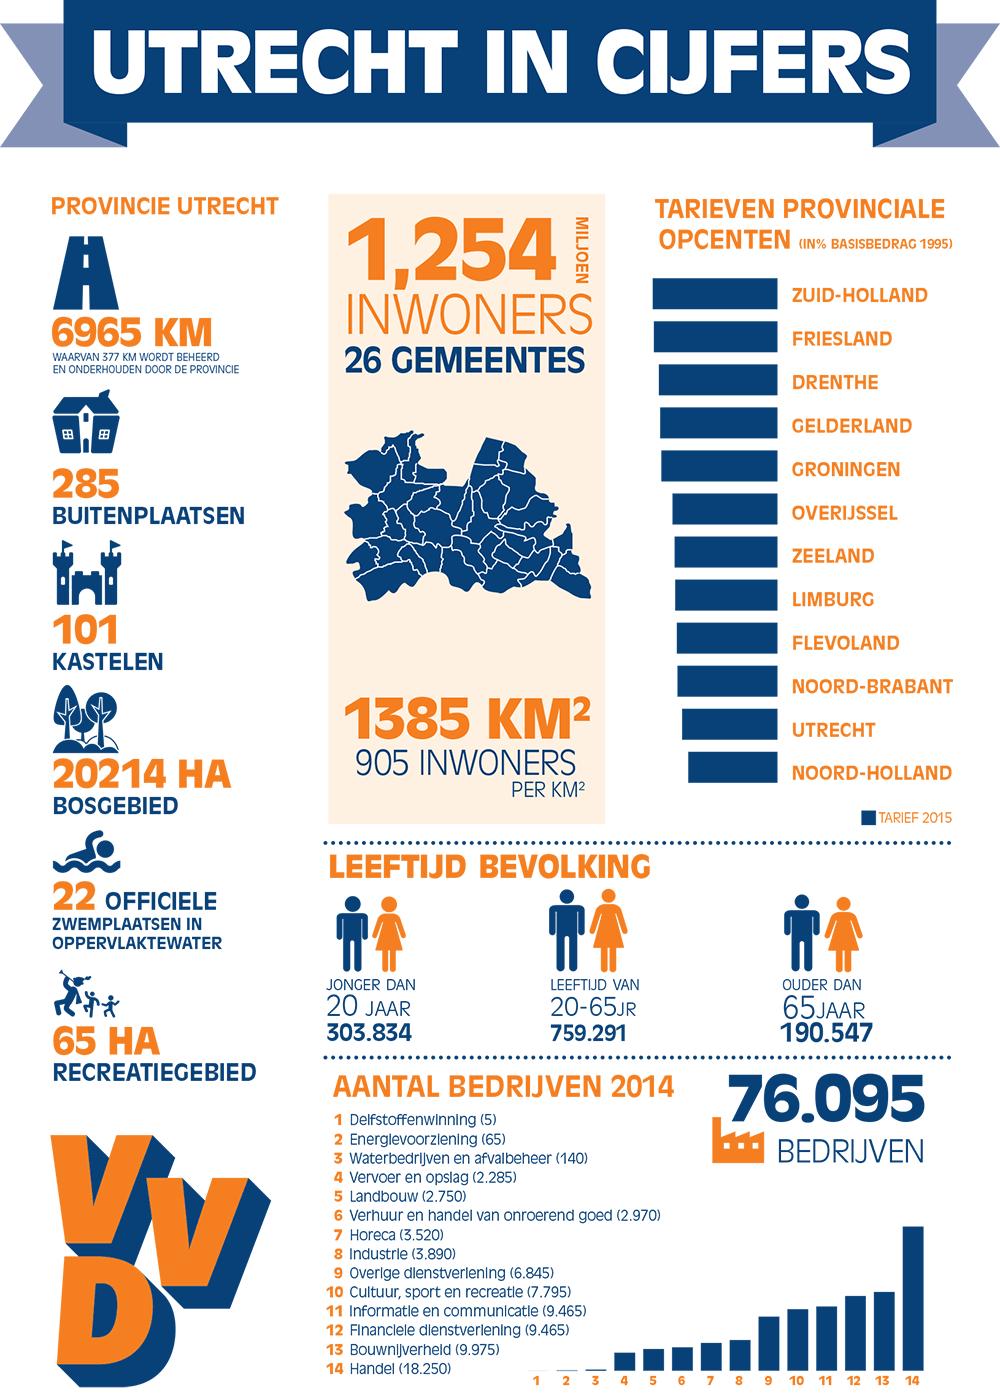 Infographic Utrecht in cijfers